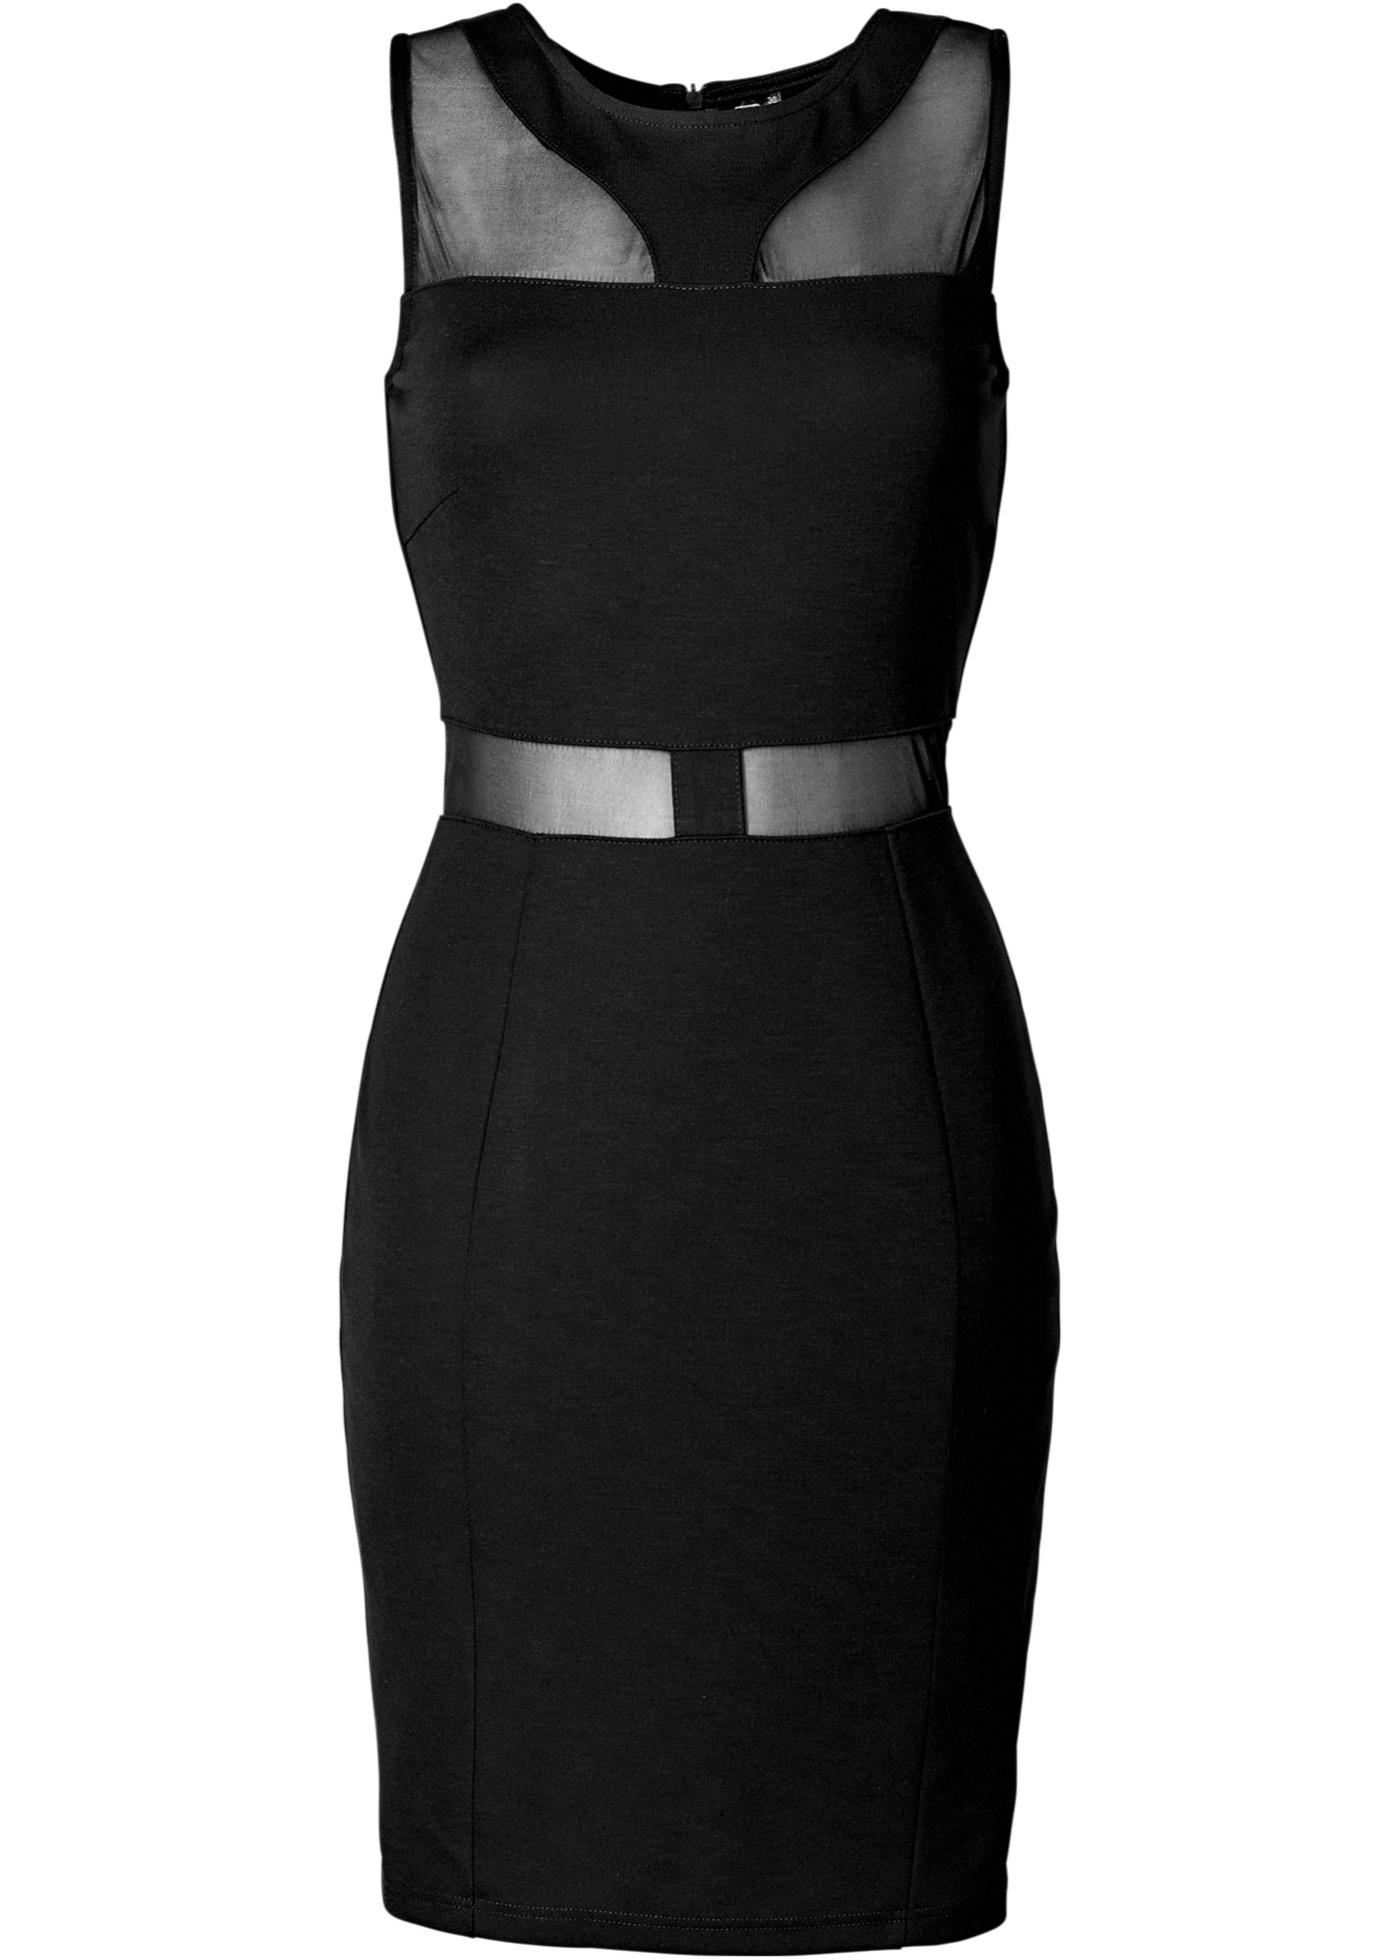 Kleid ohne Ärmel  in schwarz (Rundhals) für Damen von bonprix